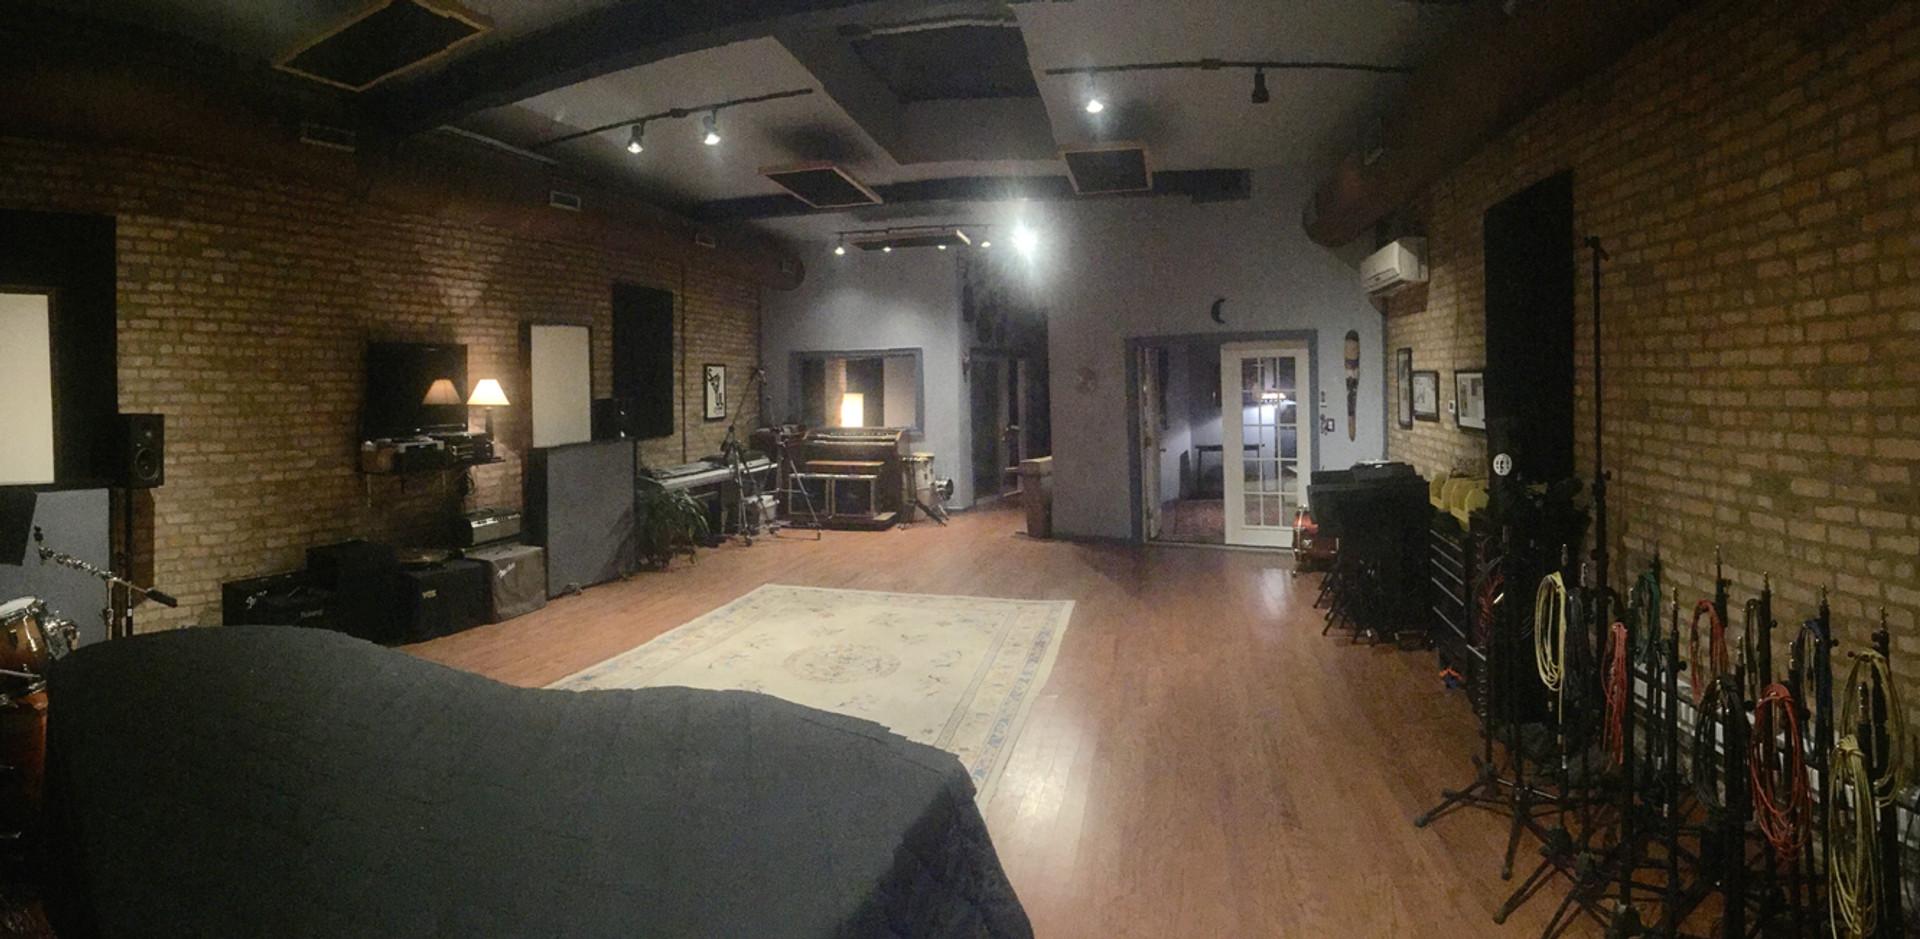 Studio Wide Shot